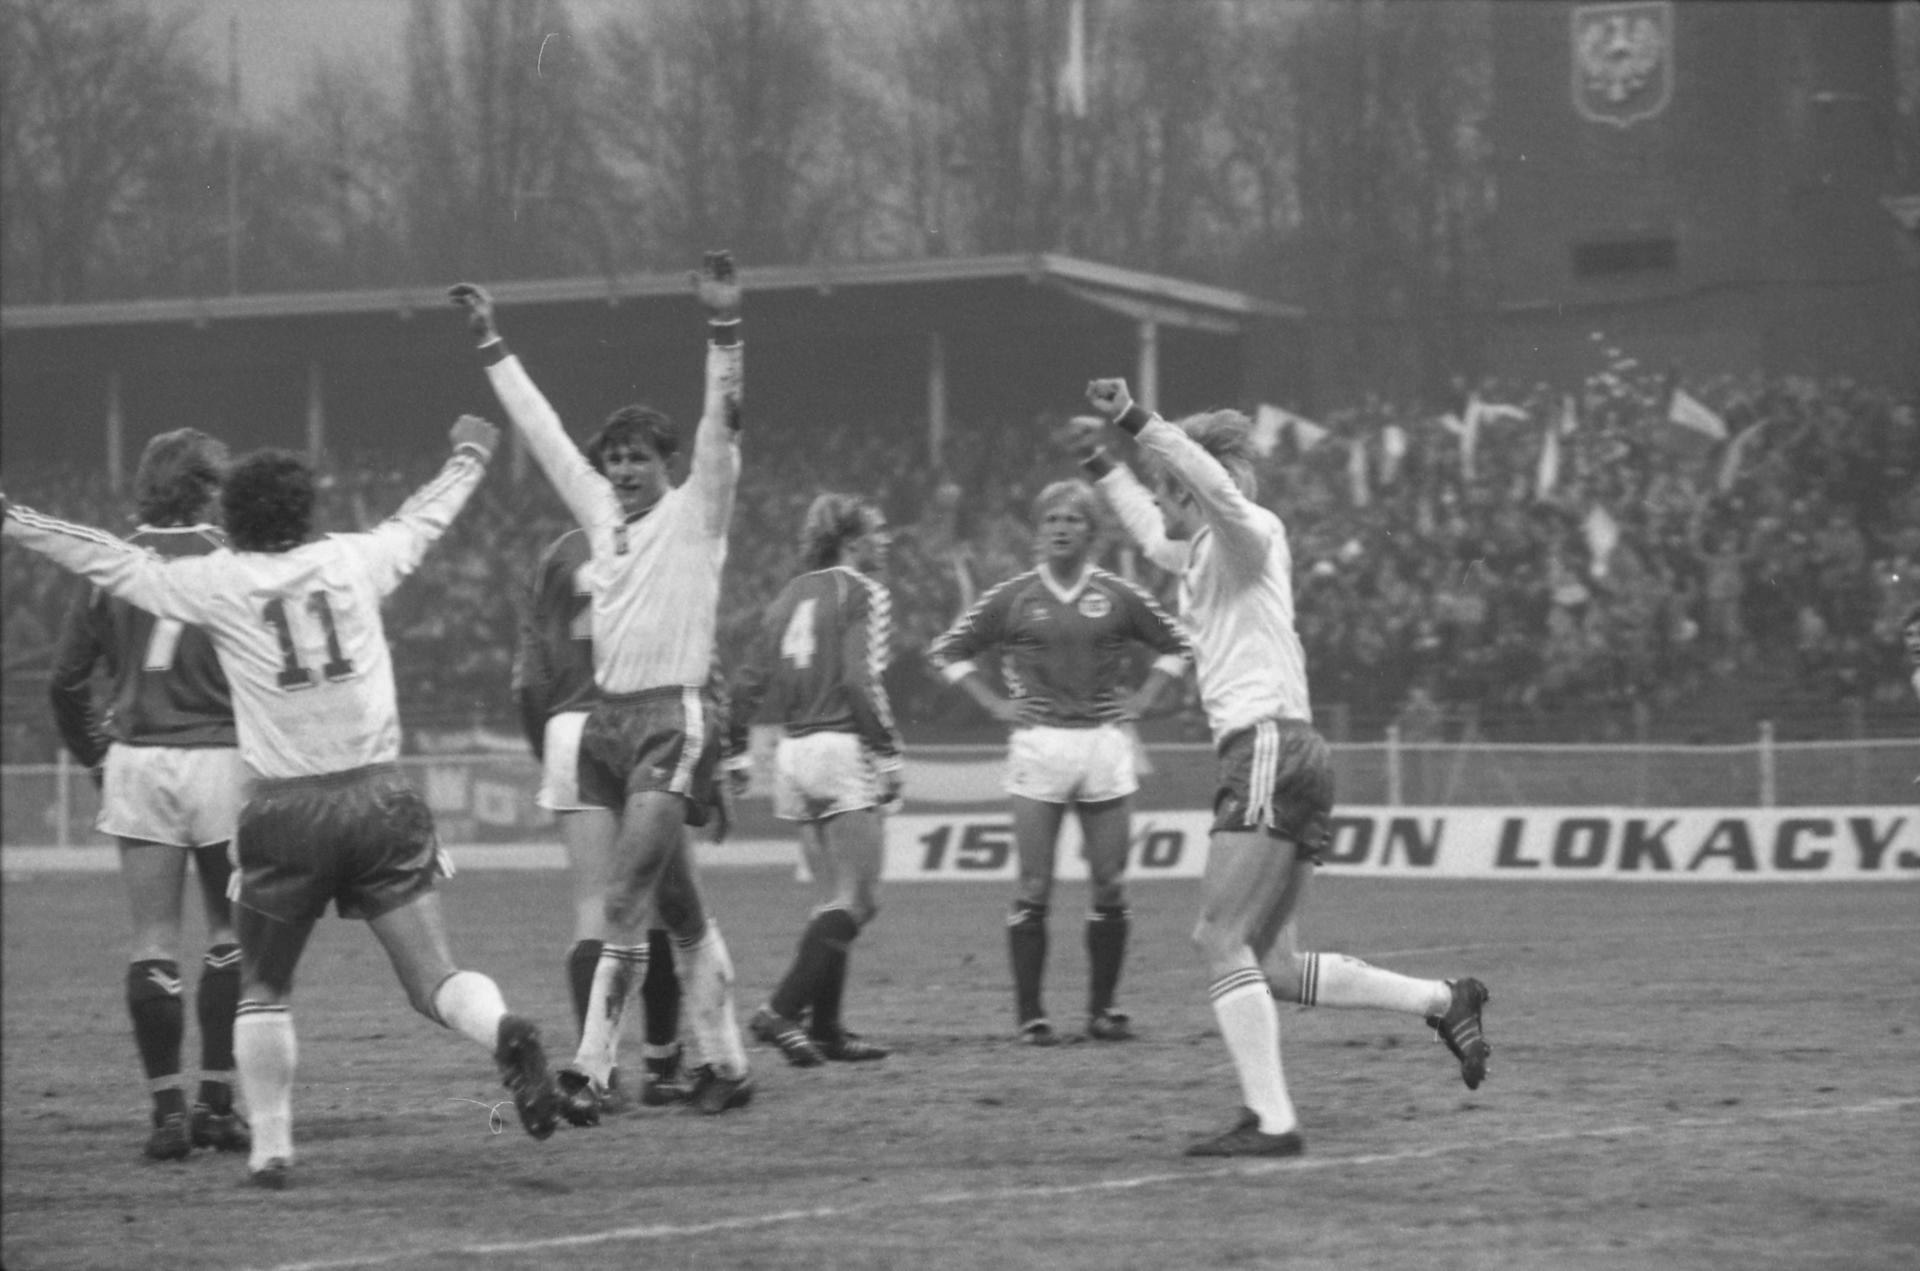 Uradowany Paweł Król. Polacy zdobyli przed chwilą drugą bramkę w meczu towarzyskim przeciwko Norwegii. 24 marca 1987 roku, Stadion Olimpijski we Wrocławiu.